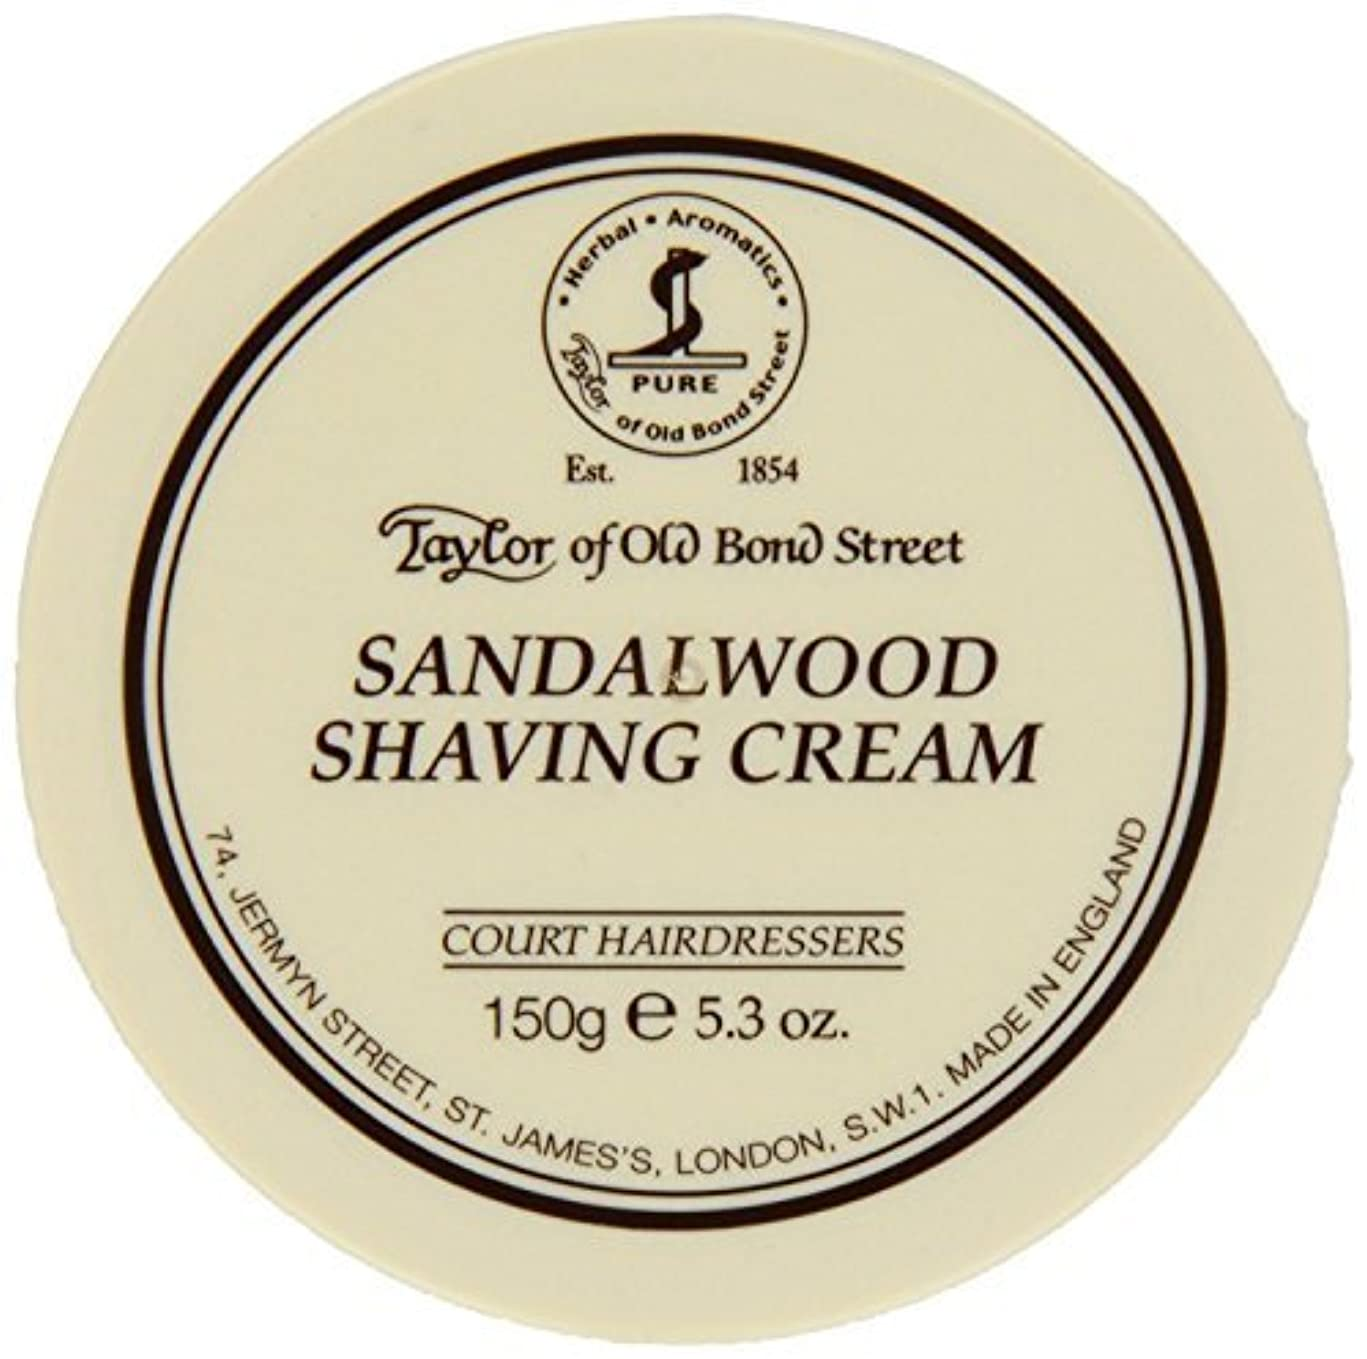 重要な役割を果たす、中心的な手段となる滝クレデンシャルTaylor of Old Bond Street SHAVING CREAM for SANDALWOOD 150g x 2 Bowls by Taylor of Old Bond Street [並行輸入品]